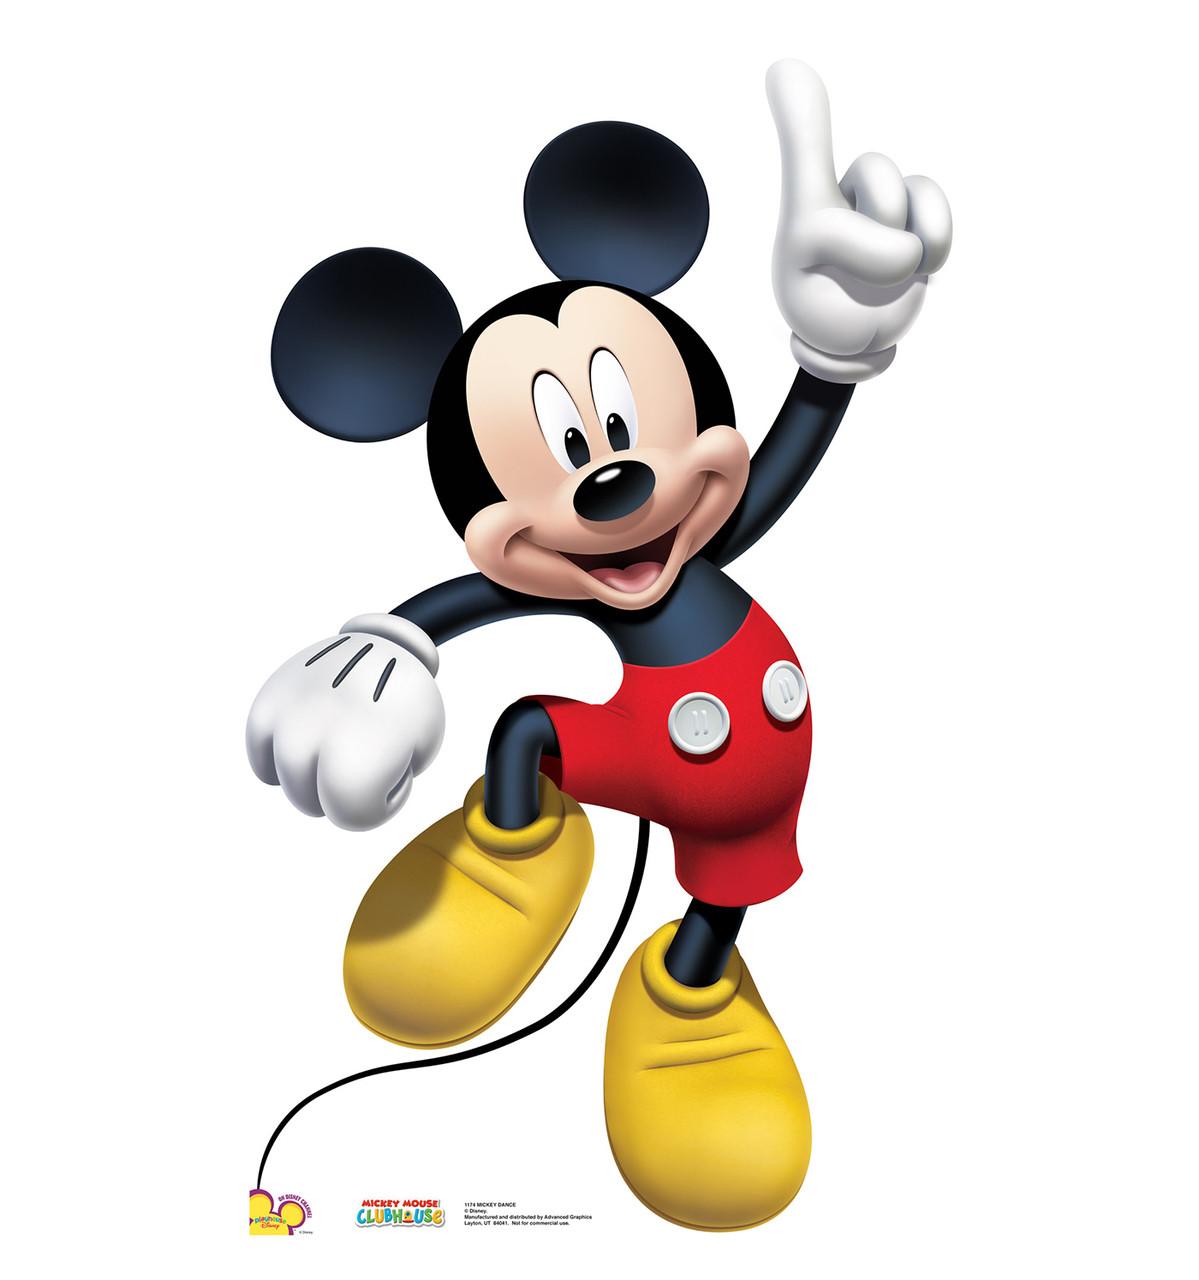 Life-size Mickey Dance Cardboard Standup | Cardboard Cutout